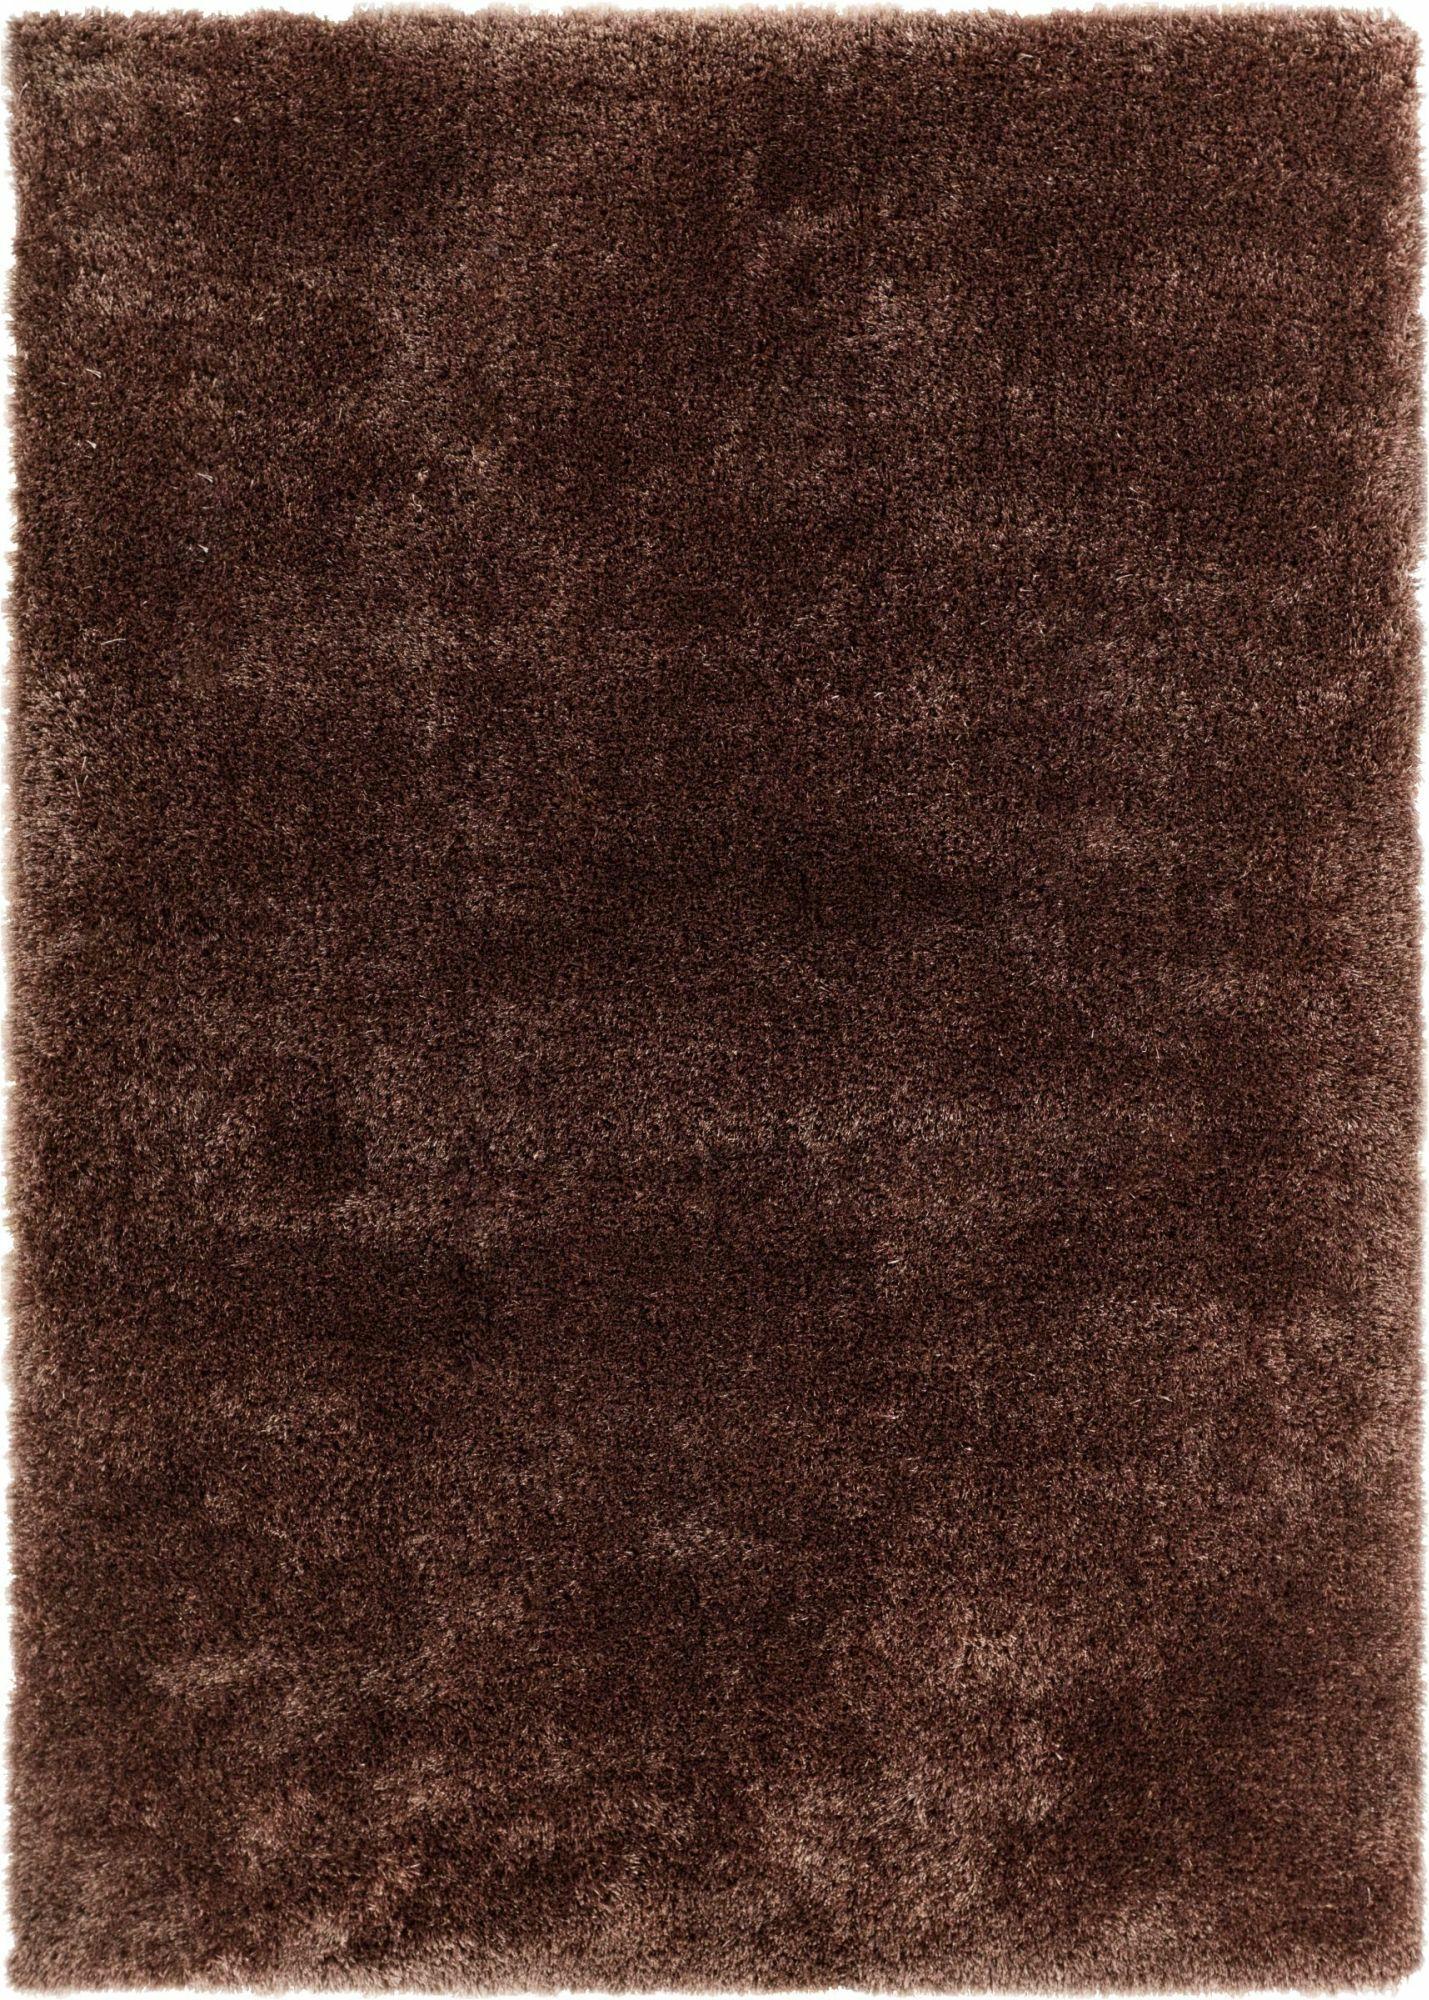 Mcclain Taupe Area Rug Rug Size: Rectangle 5'3